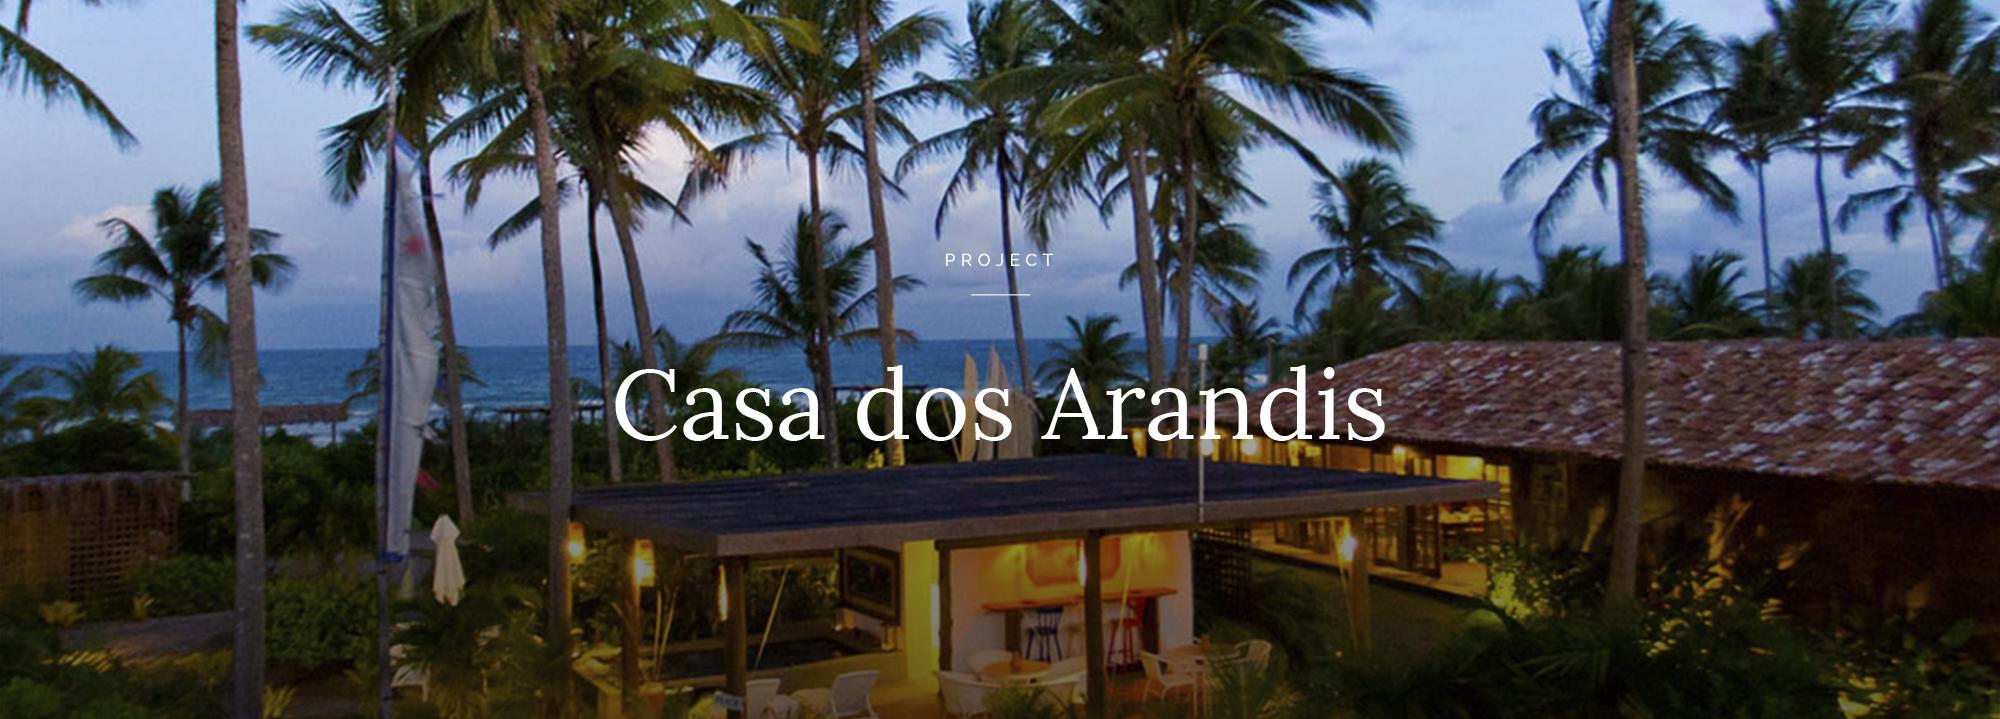 Casa dos Arandis